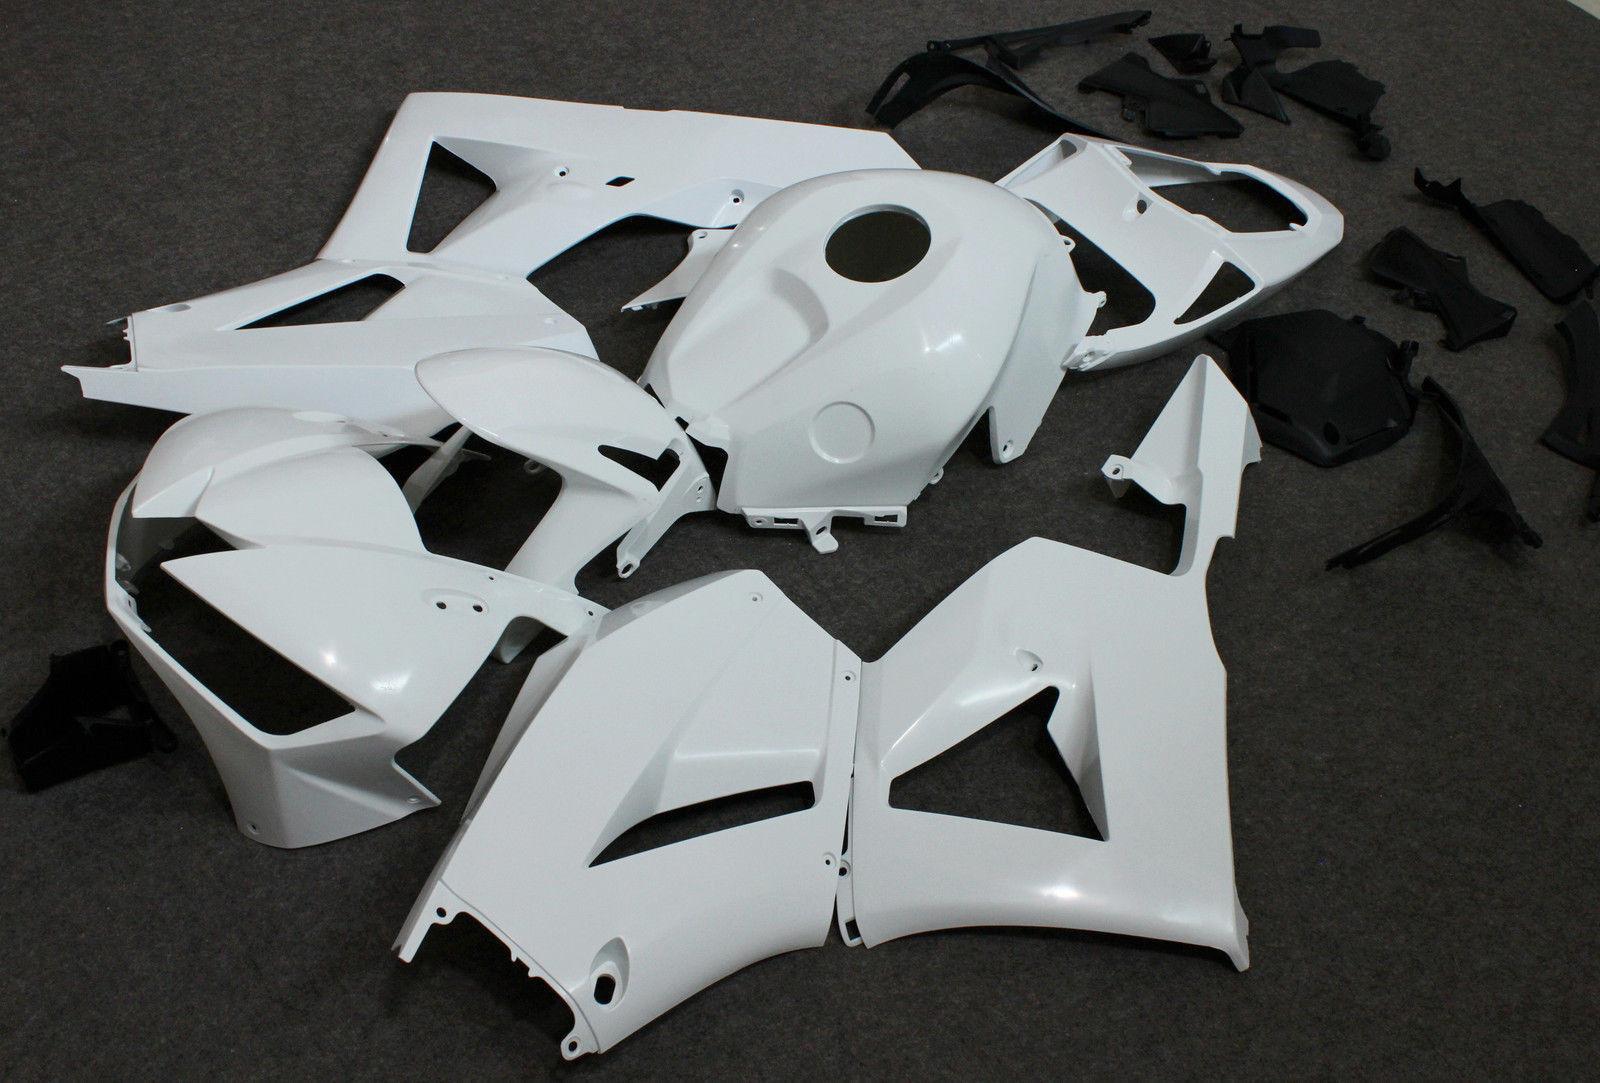 ABS White Bodywork Fairing Molded UNPAINTED Kit for HONDA CBR 600RR CBR600RR 2013 2014 2015 13 14 15 Motorcycle unpainted abs injection mold bodywork fairing kit for honda cbr600rr 2013 13 new